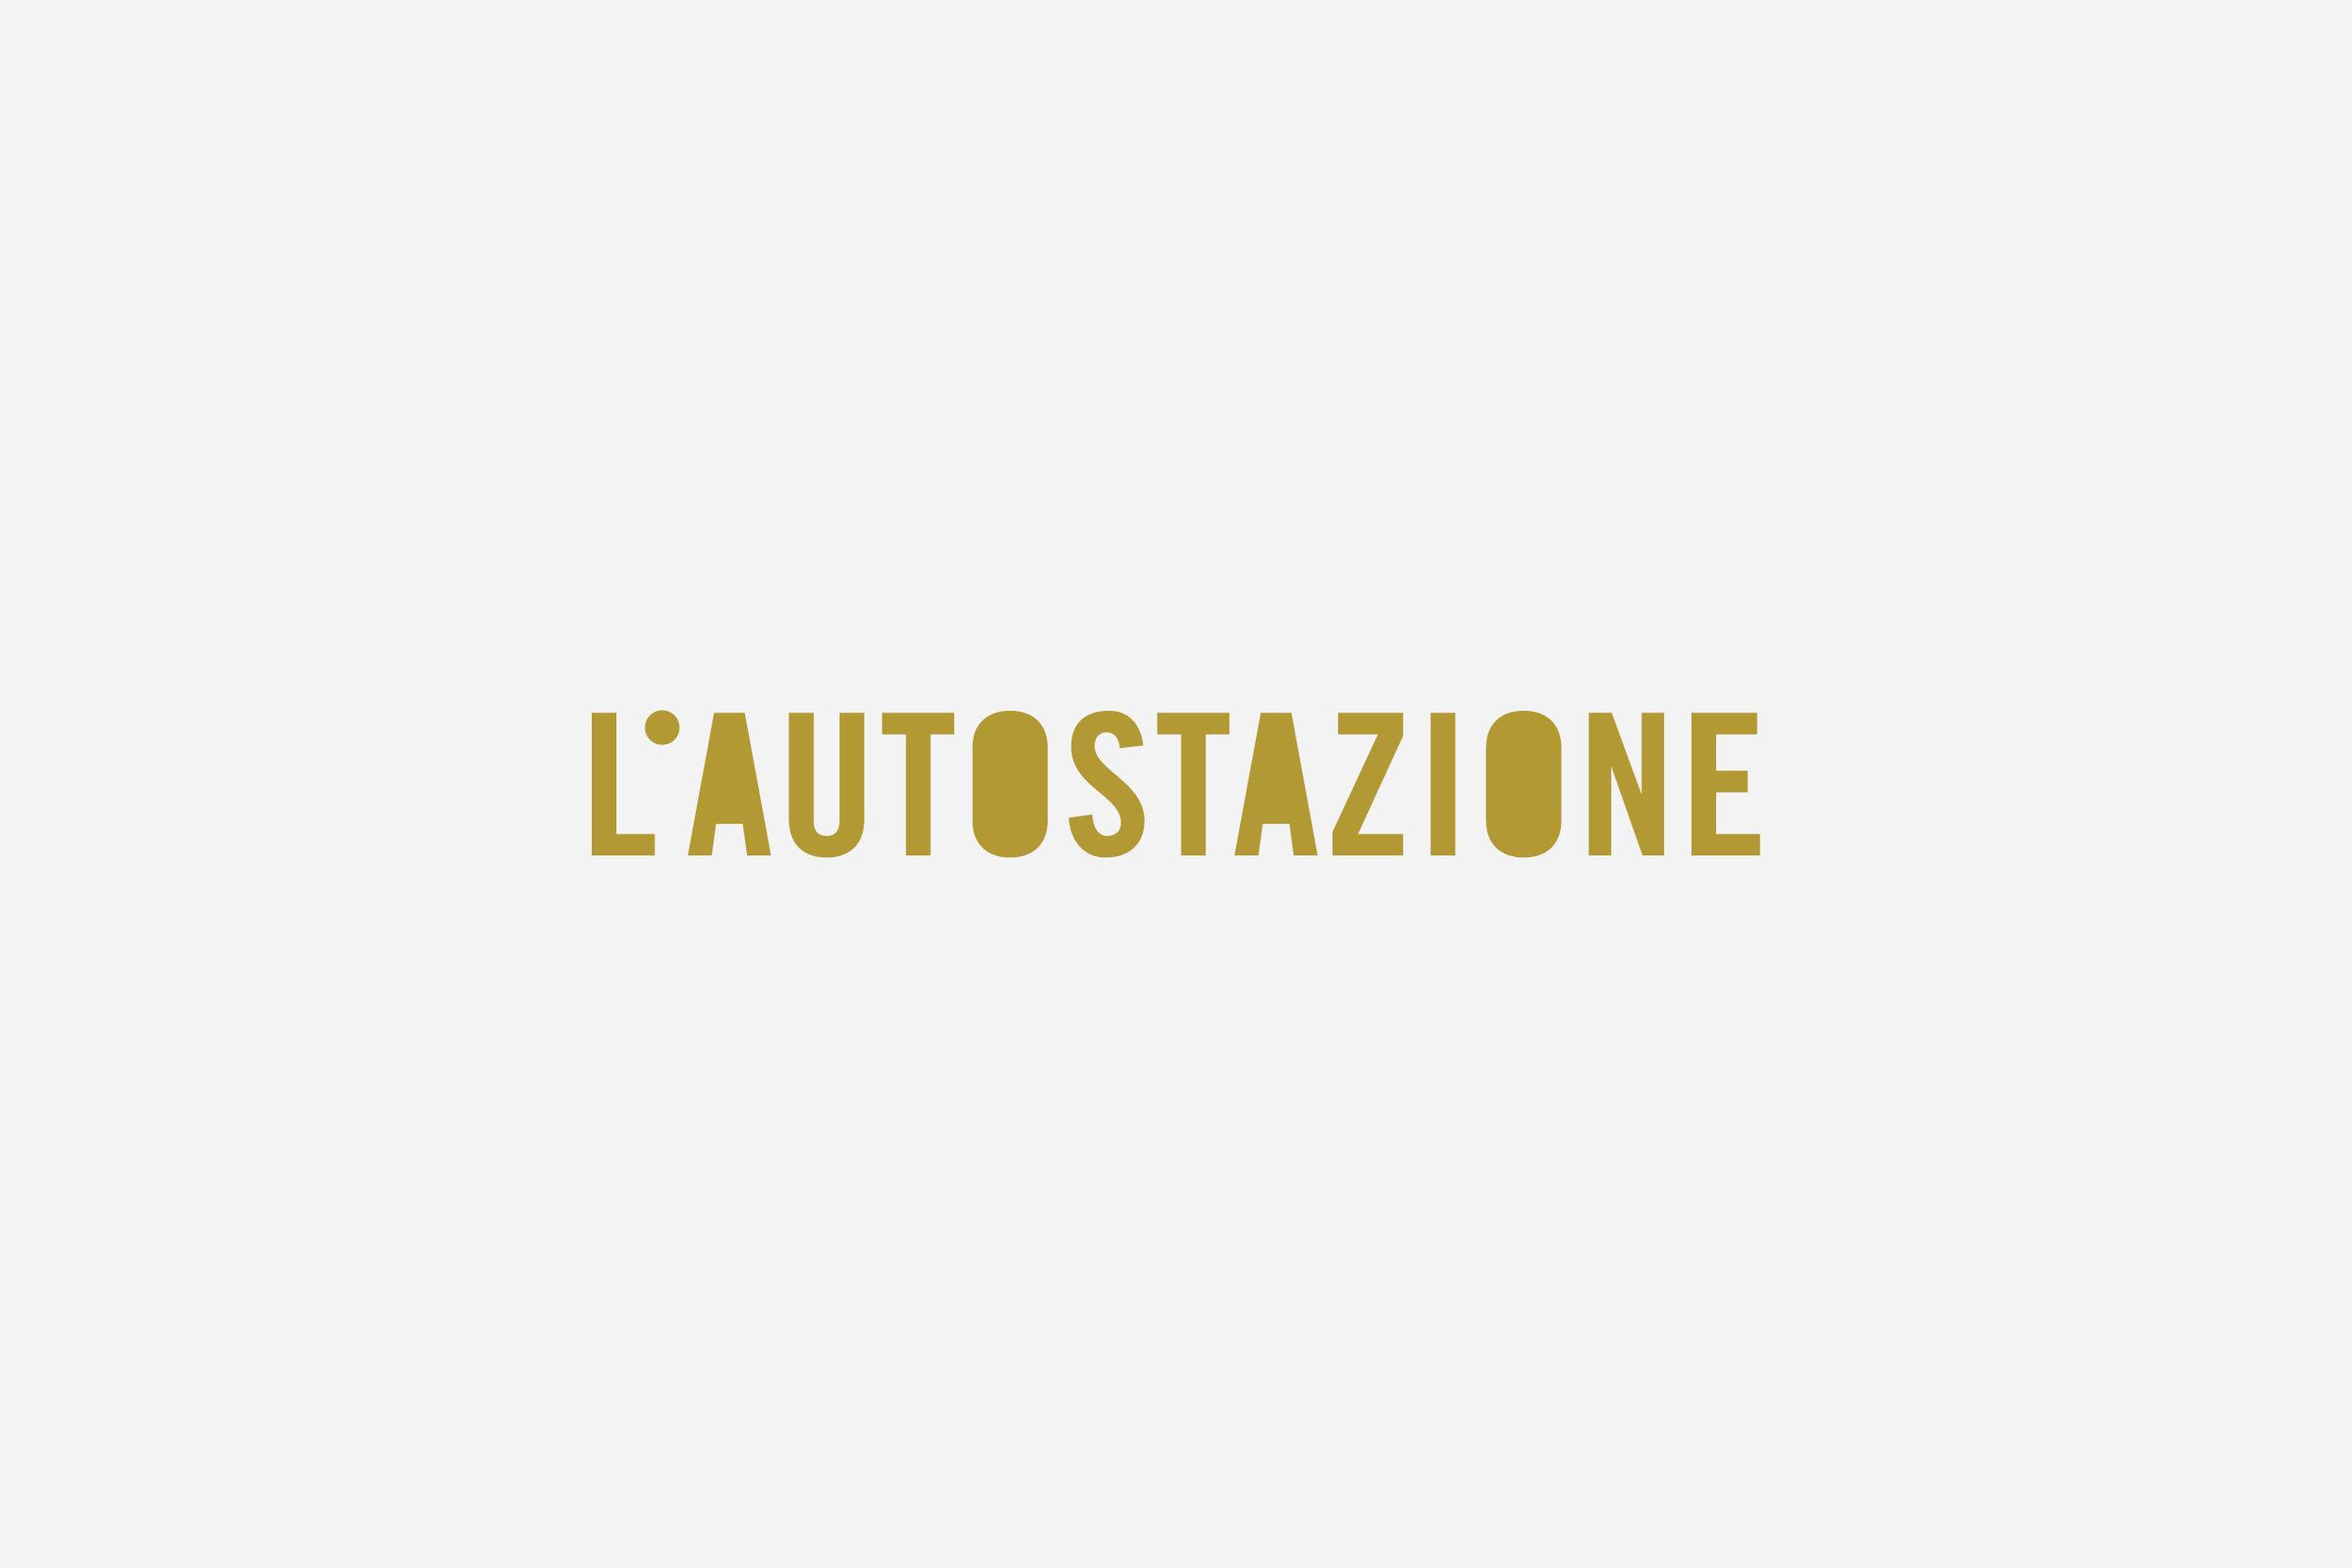 Autostazione-logo.jpg